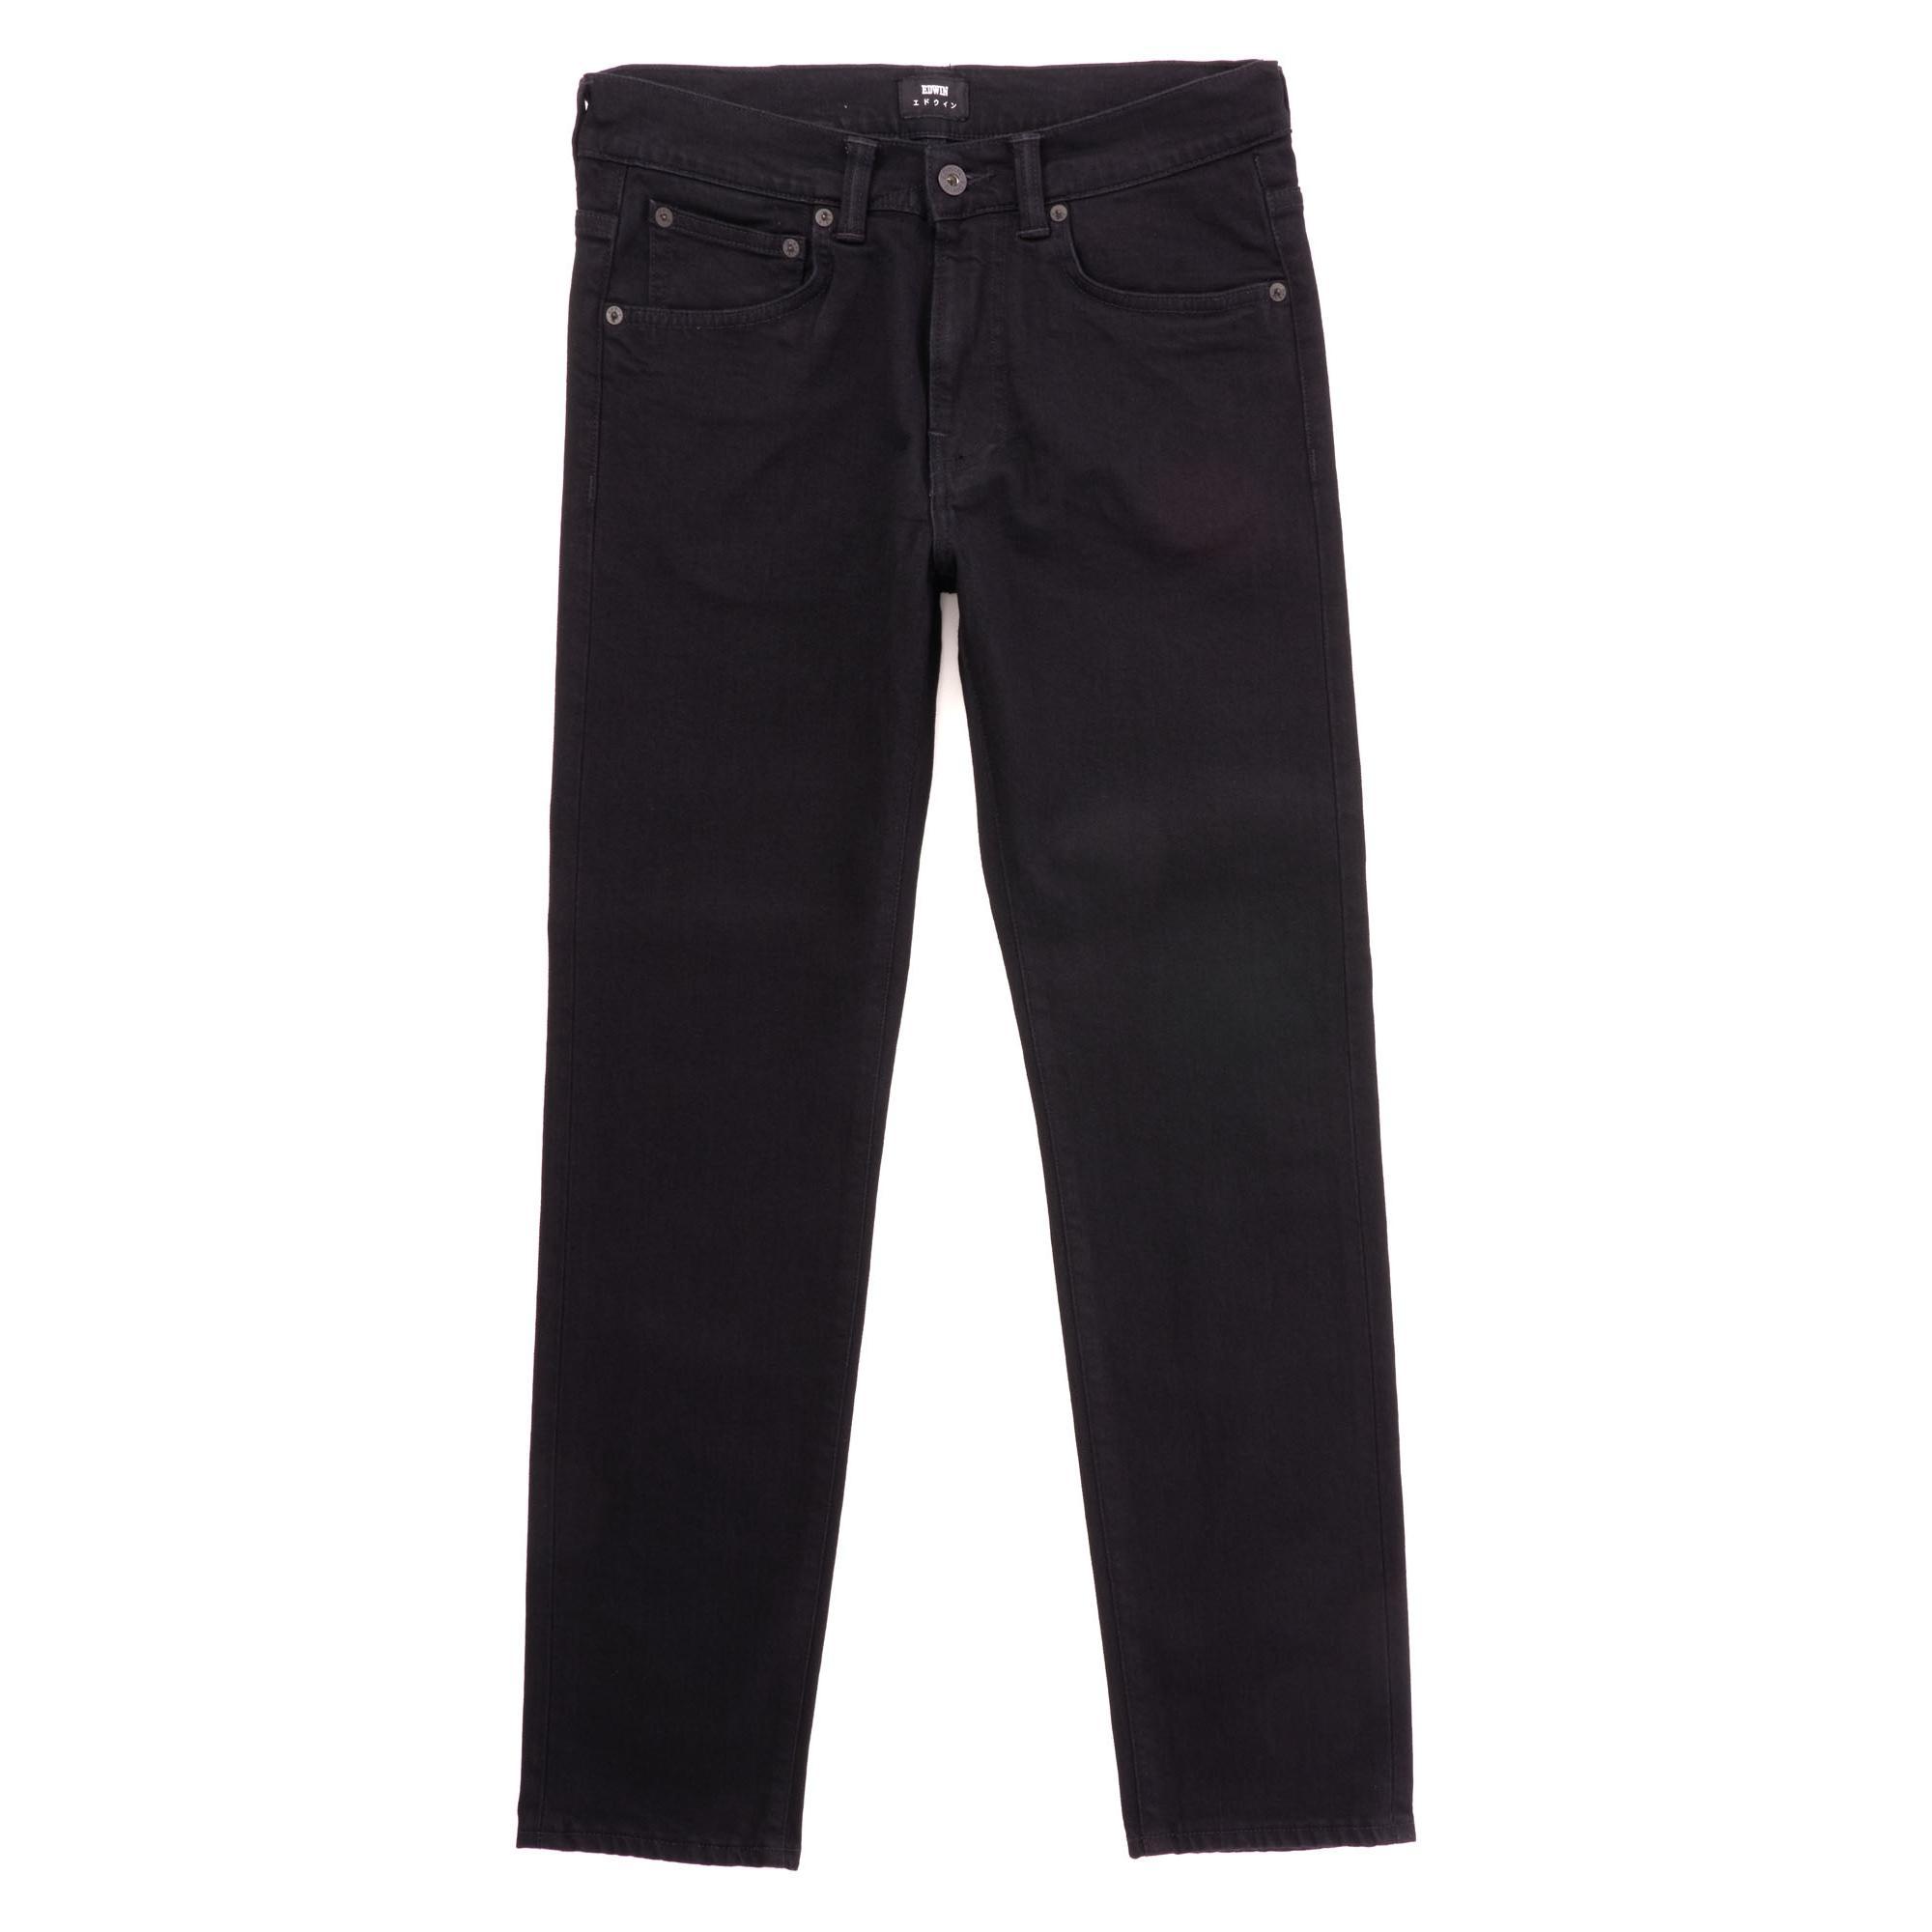 664e708d19a6 Edwin - Ed-80 Slim Tapered Jeans - Cs Power Black Denim for Men -. View  fullscreen